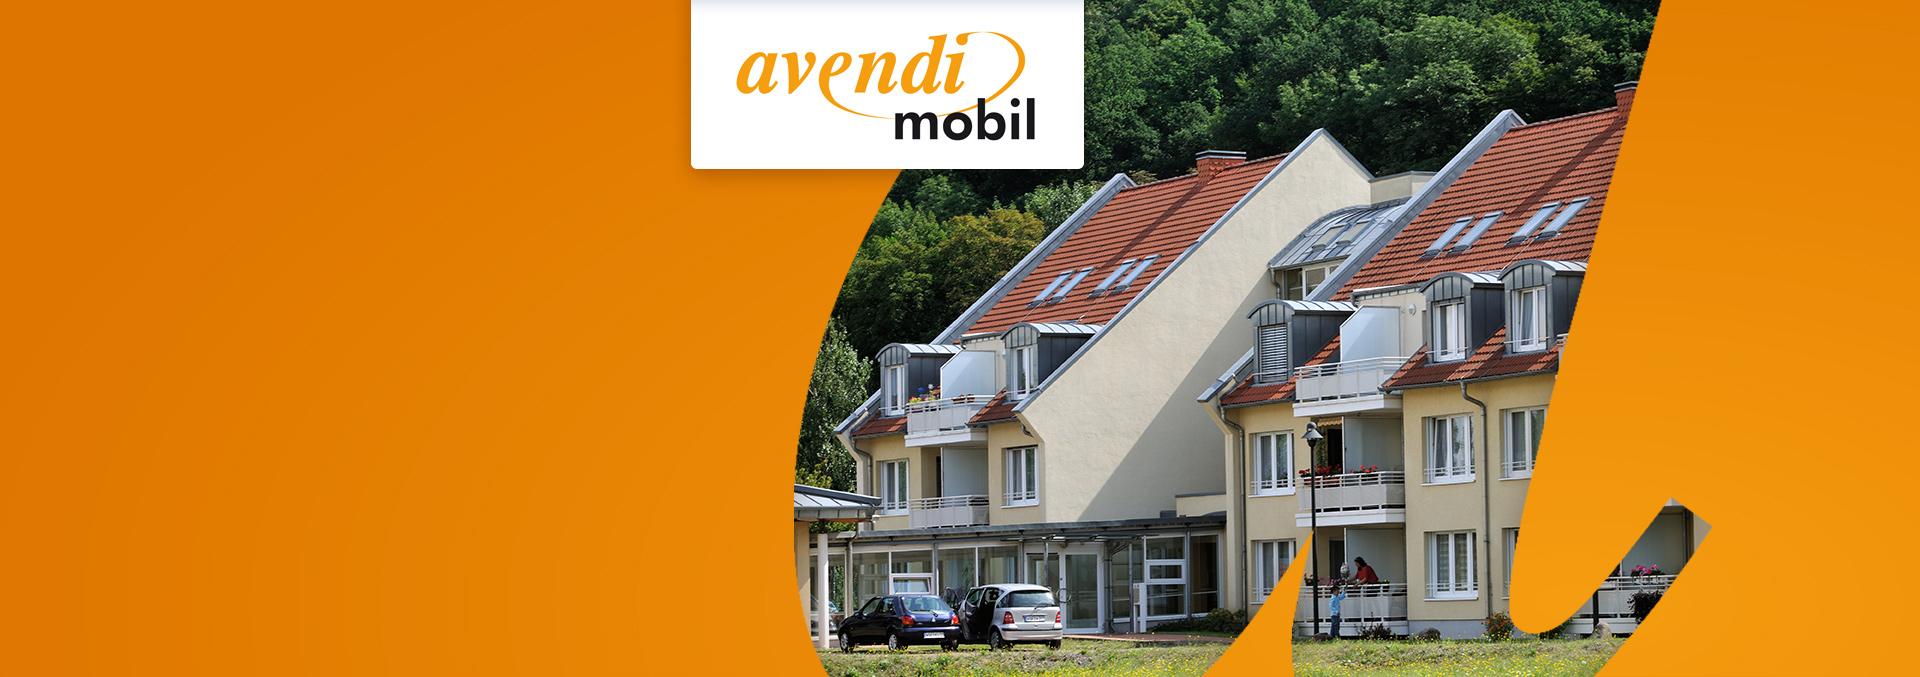 Ambulanter Pflegedienst avendi mobil Weißenfels: Einrichtung Töpferdamm von außen mit parkenden Autos.